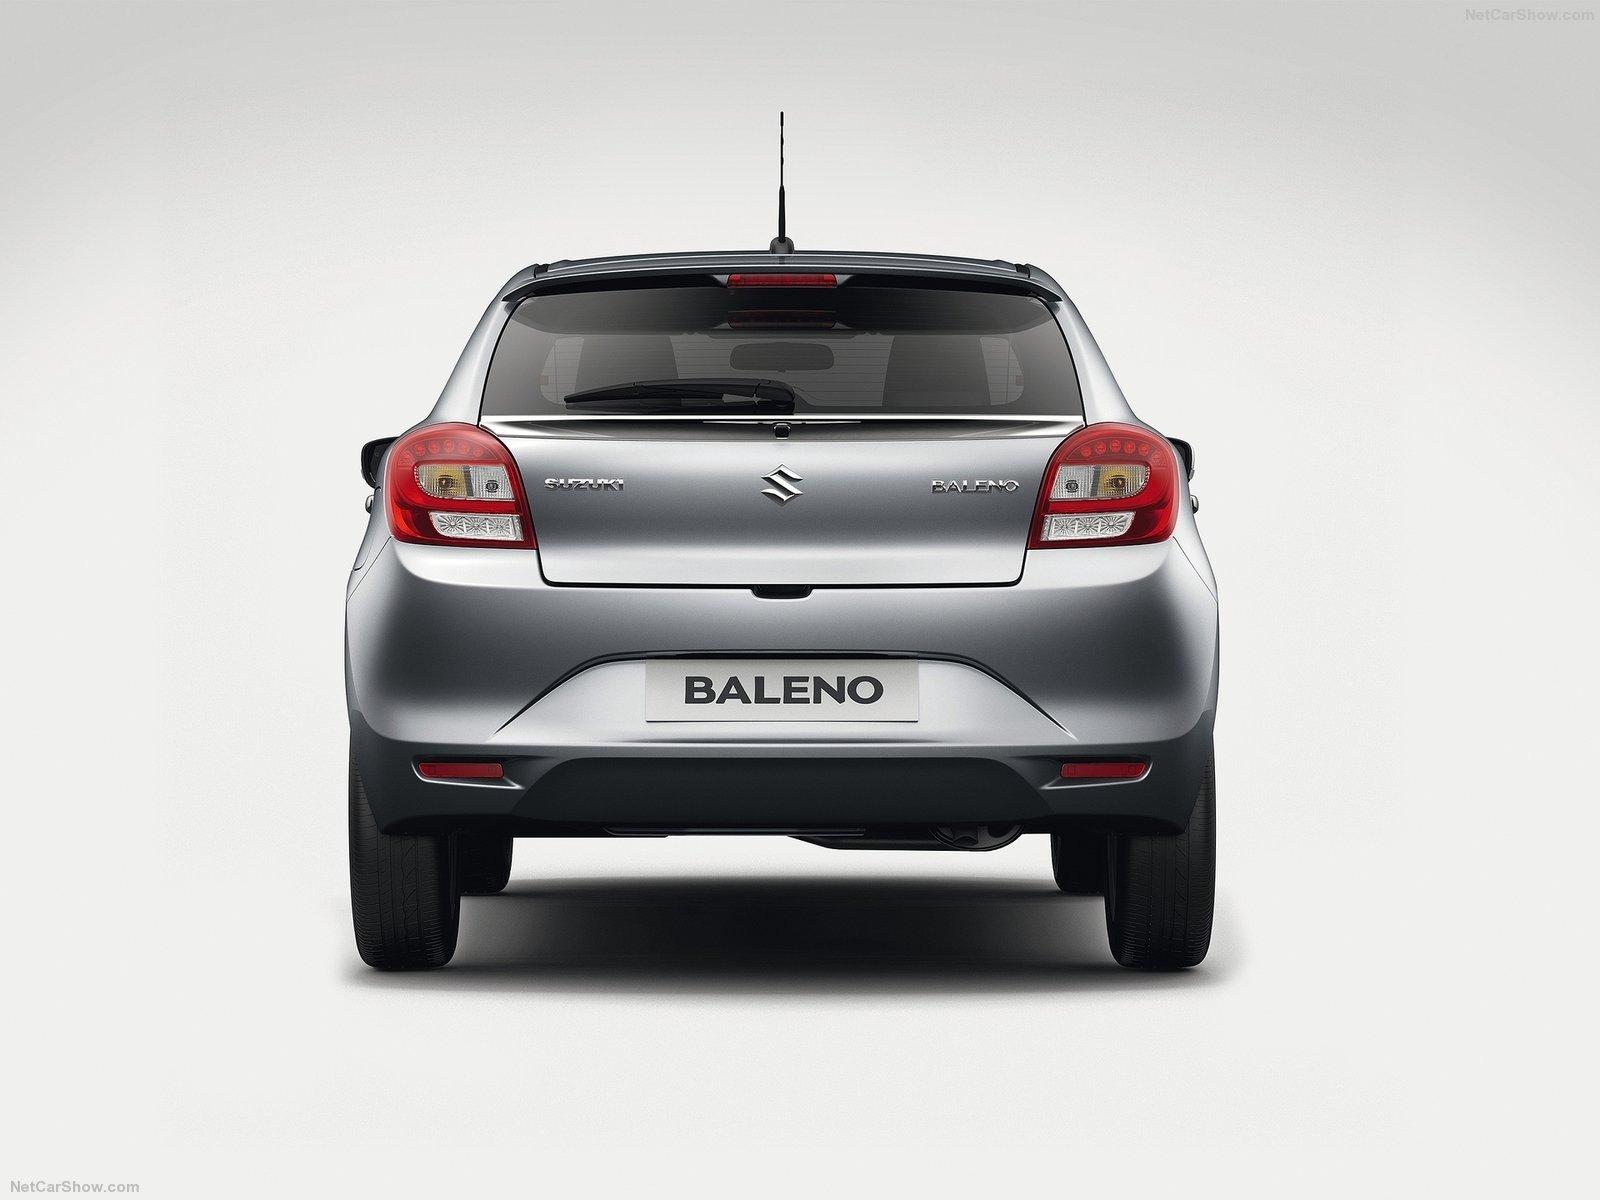 Hình ảnh xe ô tô Suzuki Baleno 2016 & nội ngoại thất